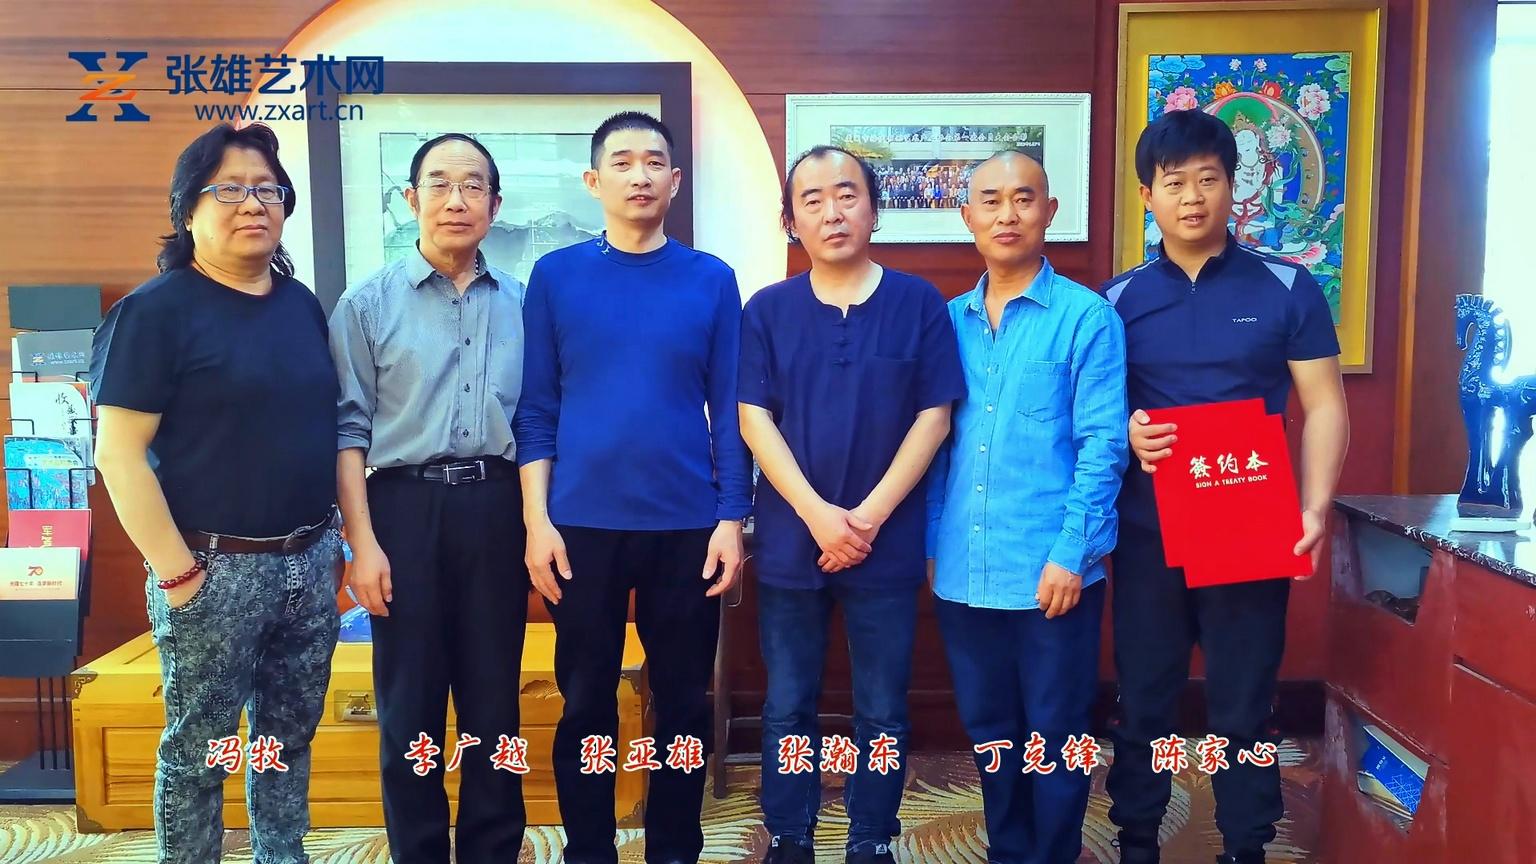 熱烈歡迎:李廣越、丁克鋒、張瀚東、馮牧等四位優秀藝術家入駐張雄藝術網!